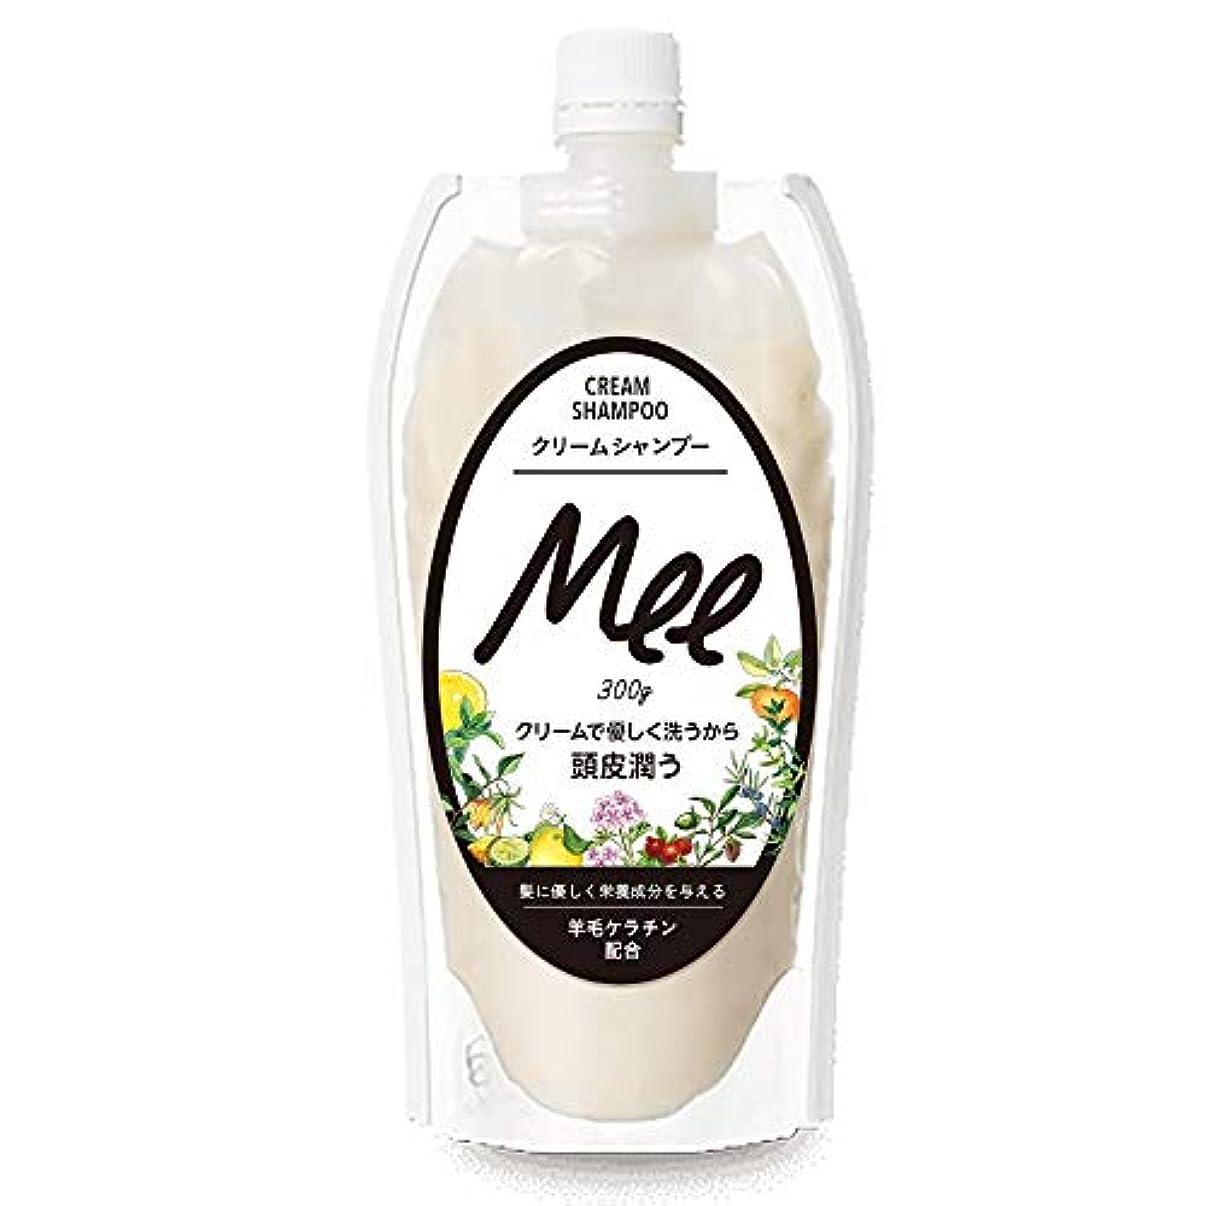 些細ボリューム創傷洗えるヘアトリートメント Mee 300g クリームシャンプー 皮脂 乾燥肌 ダメージケア 大容量 時短